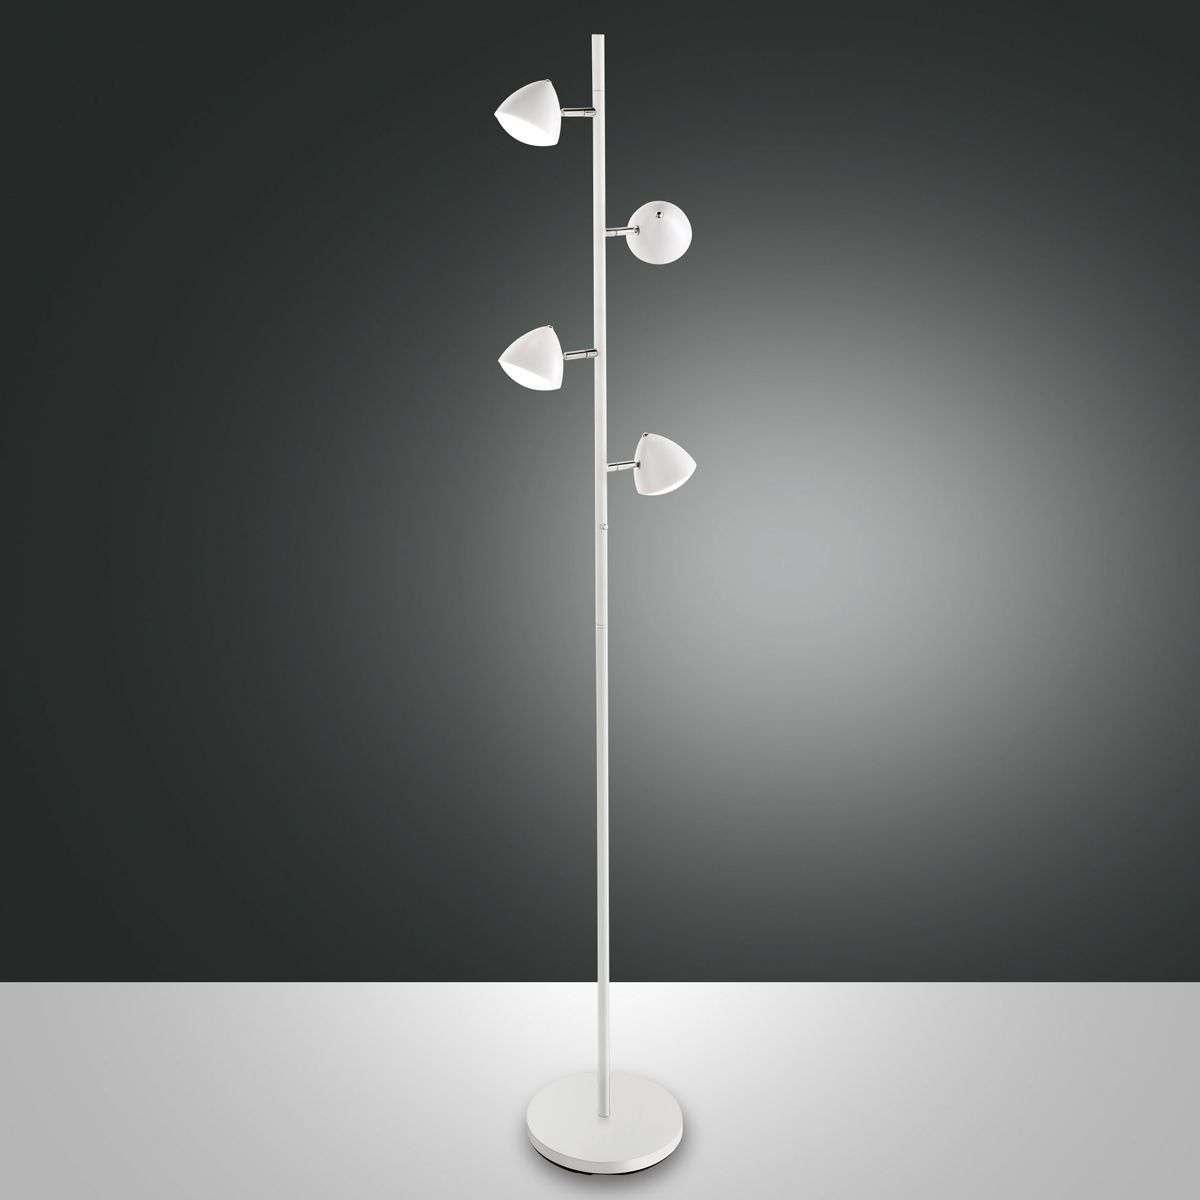 In retro design, Bike LED floor lamp, touch dimmer | Lights.ie